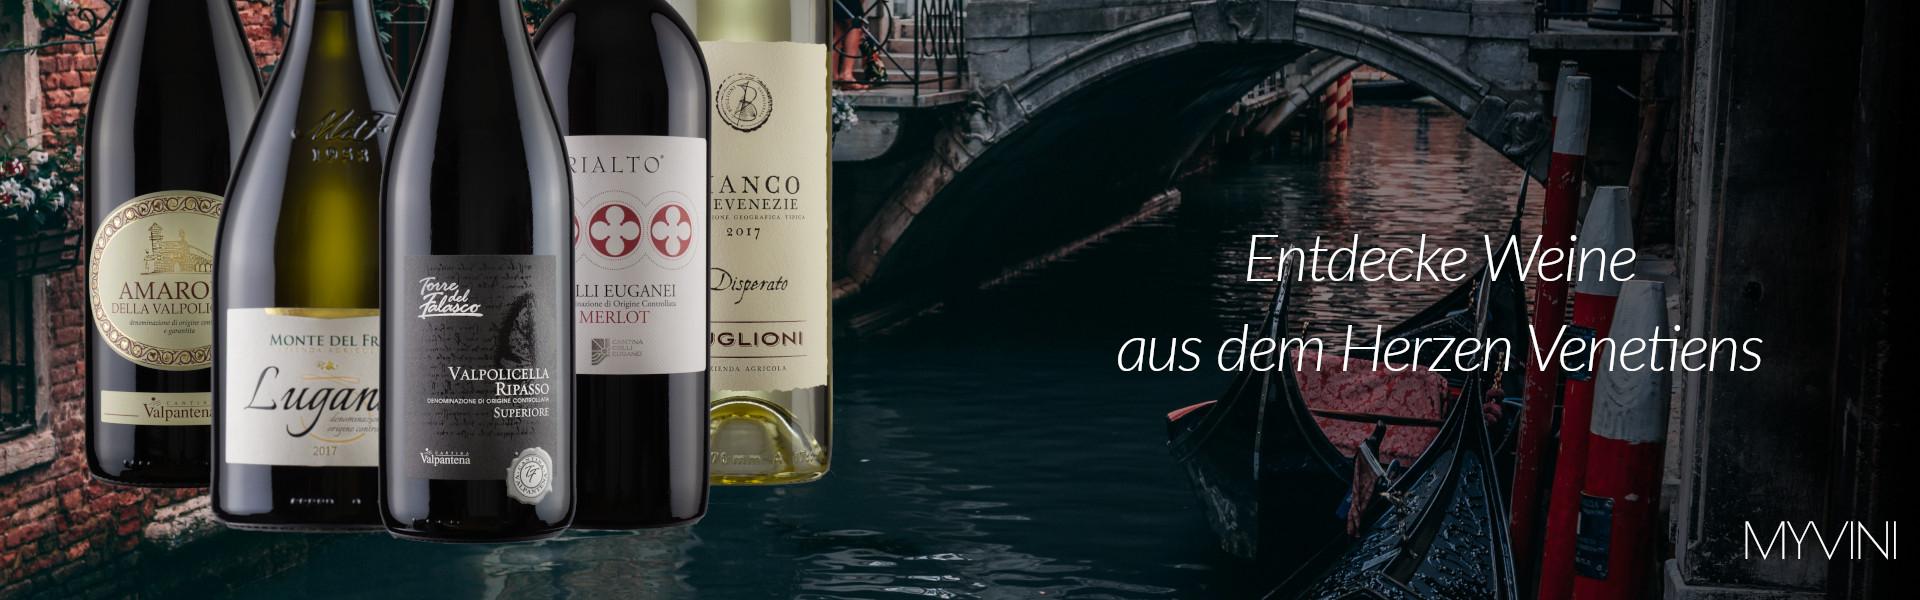 MYVINI Weine aus dem Herzen Venetiens